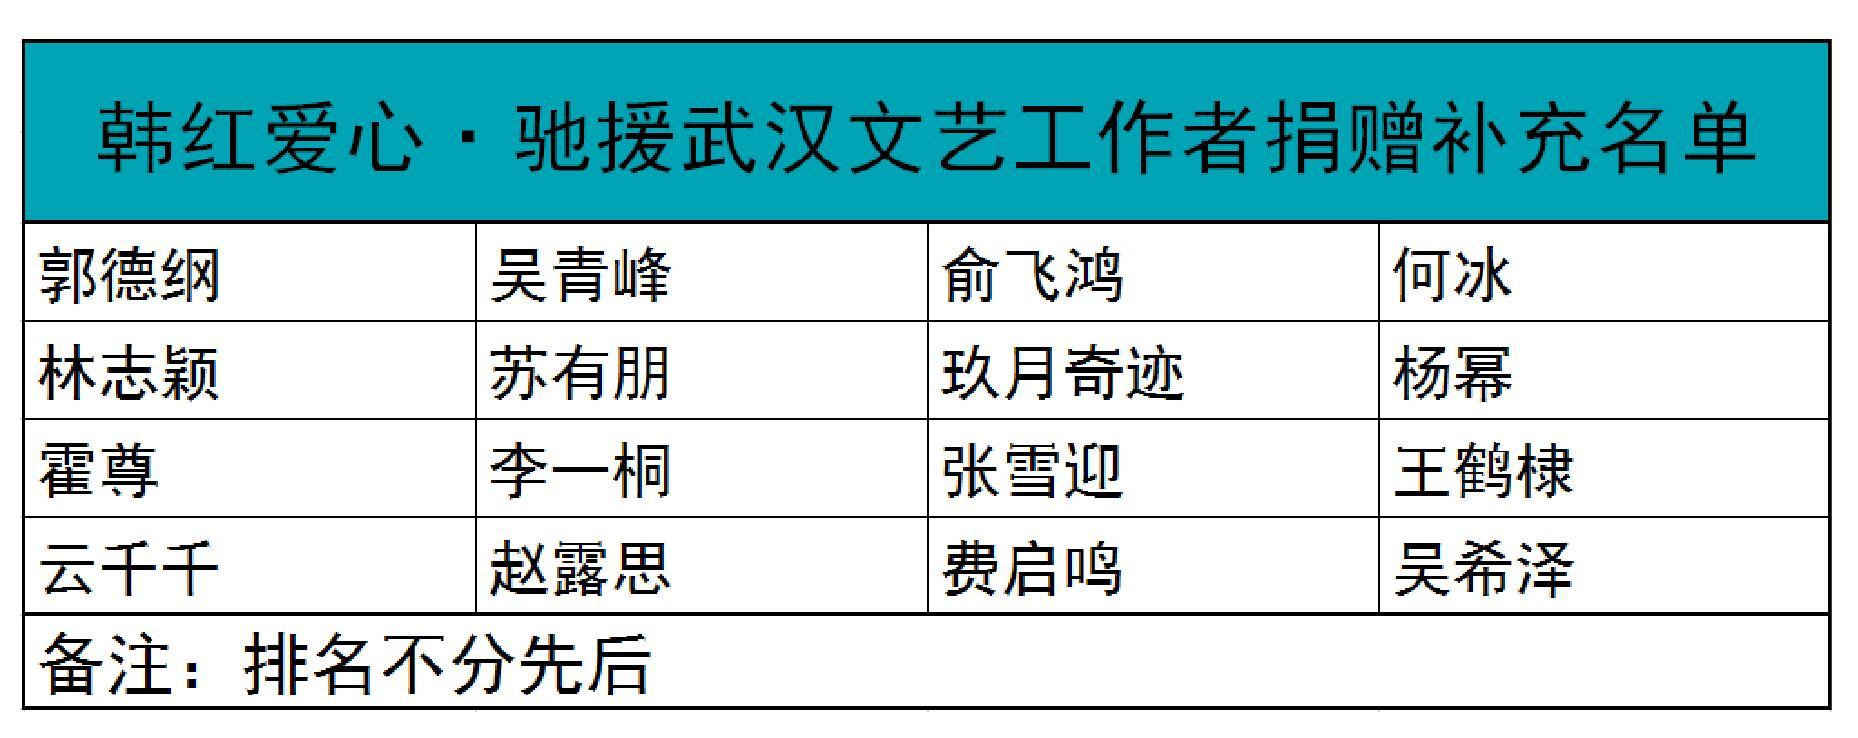 韩红基金会再公布一批捐款名单!杨幂郭德纲等明星在列_善款已达2.78亿